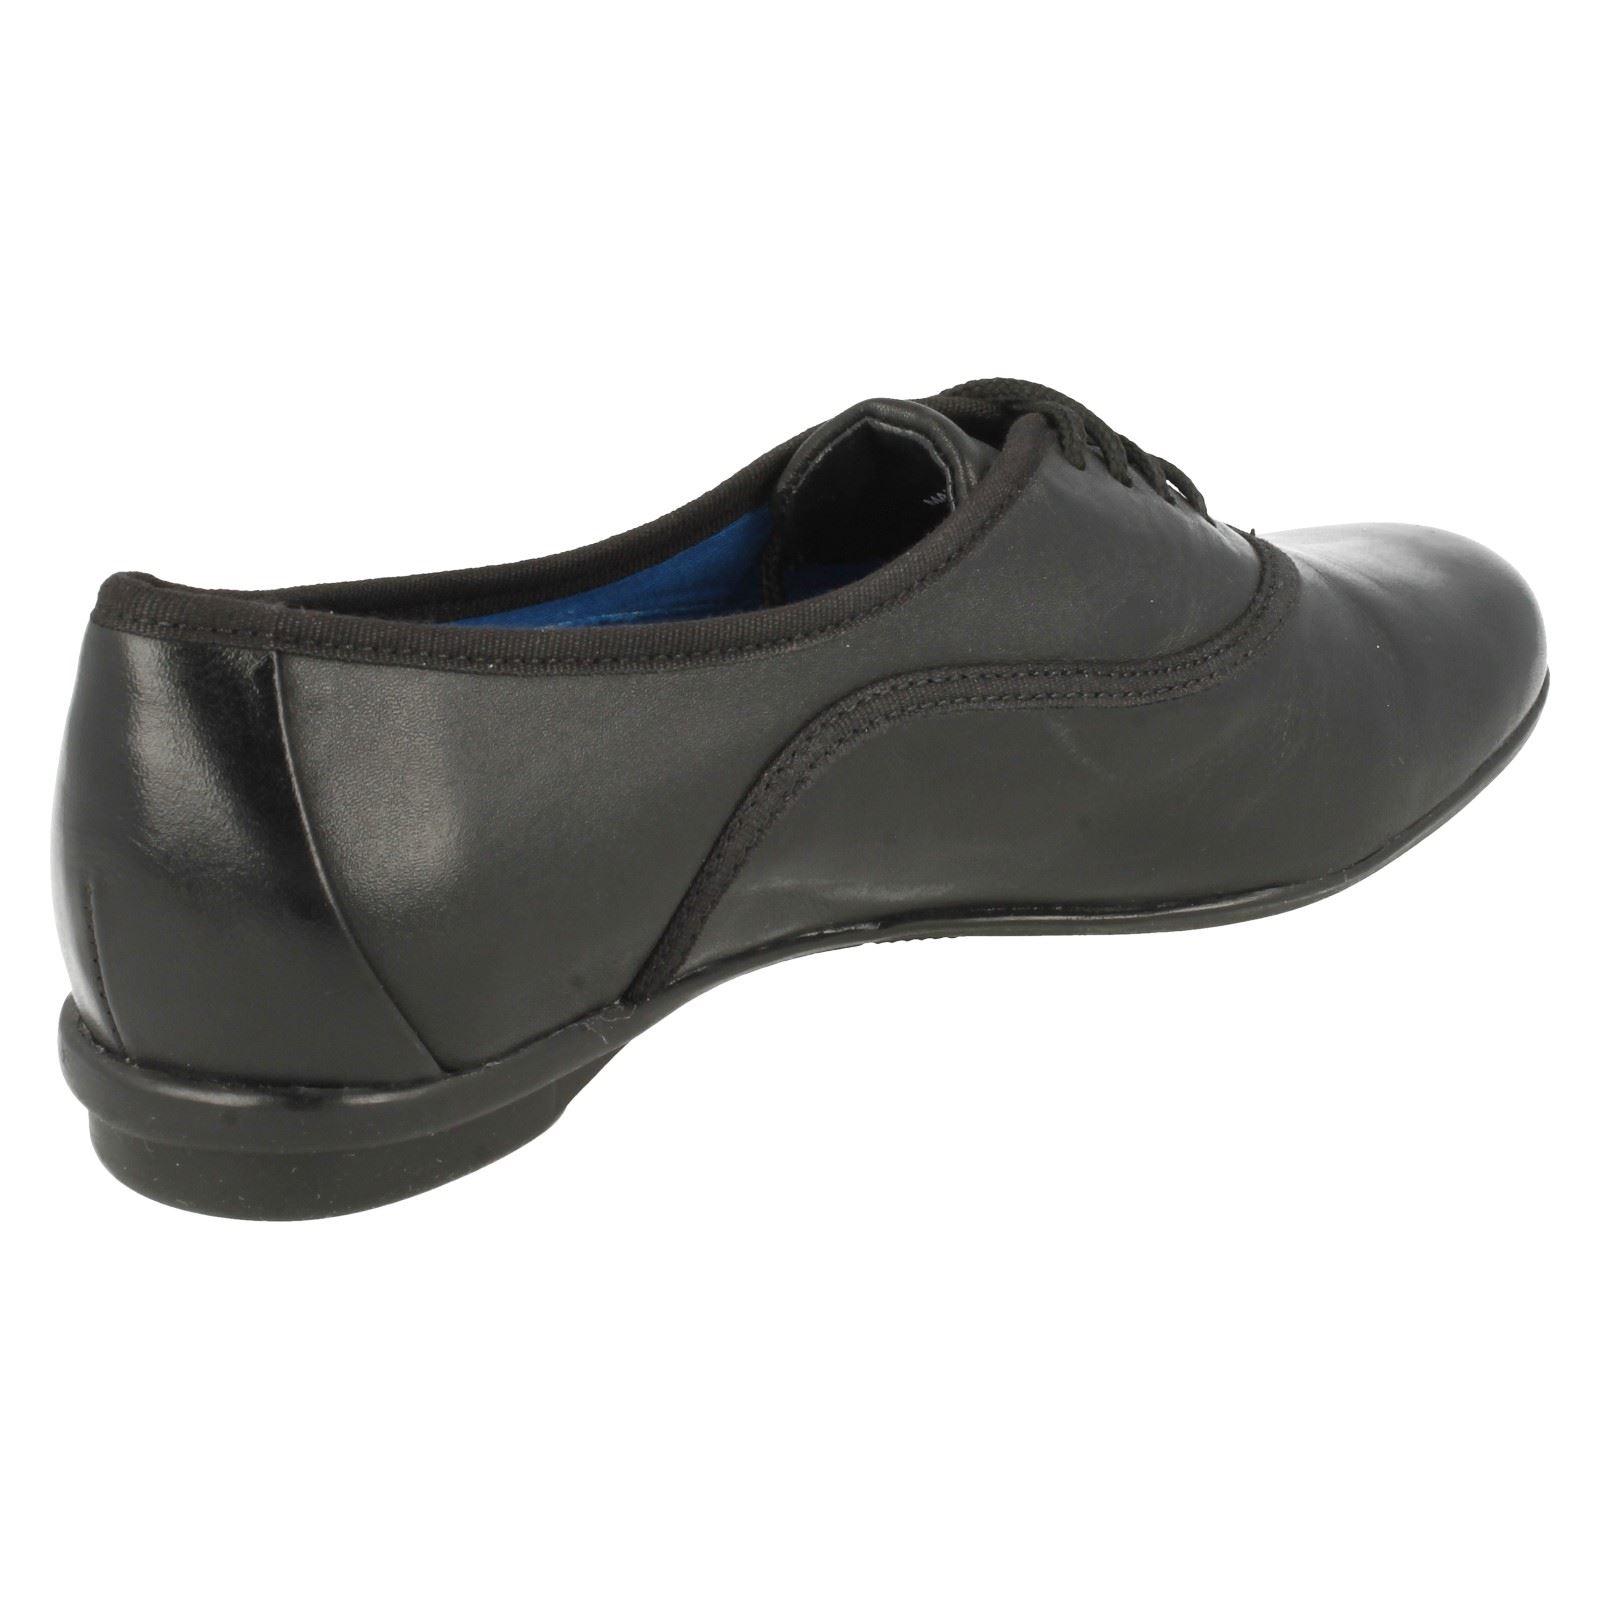 Señoras Clarks Plana lazada Zapatos pulsera del grano